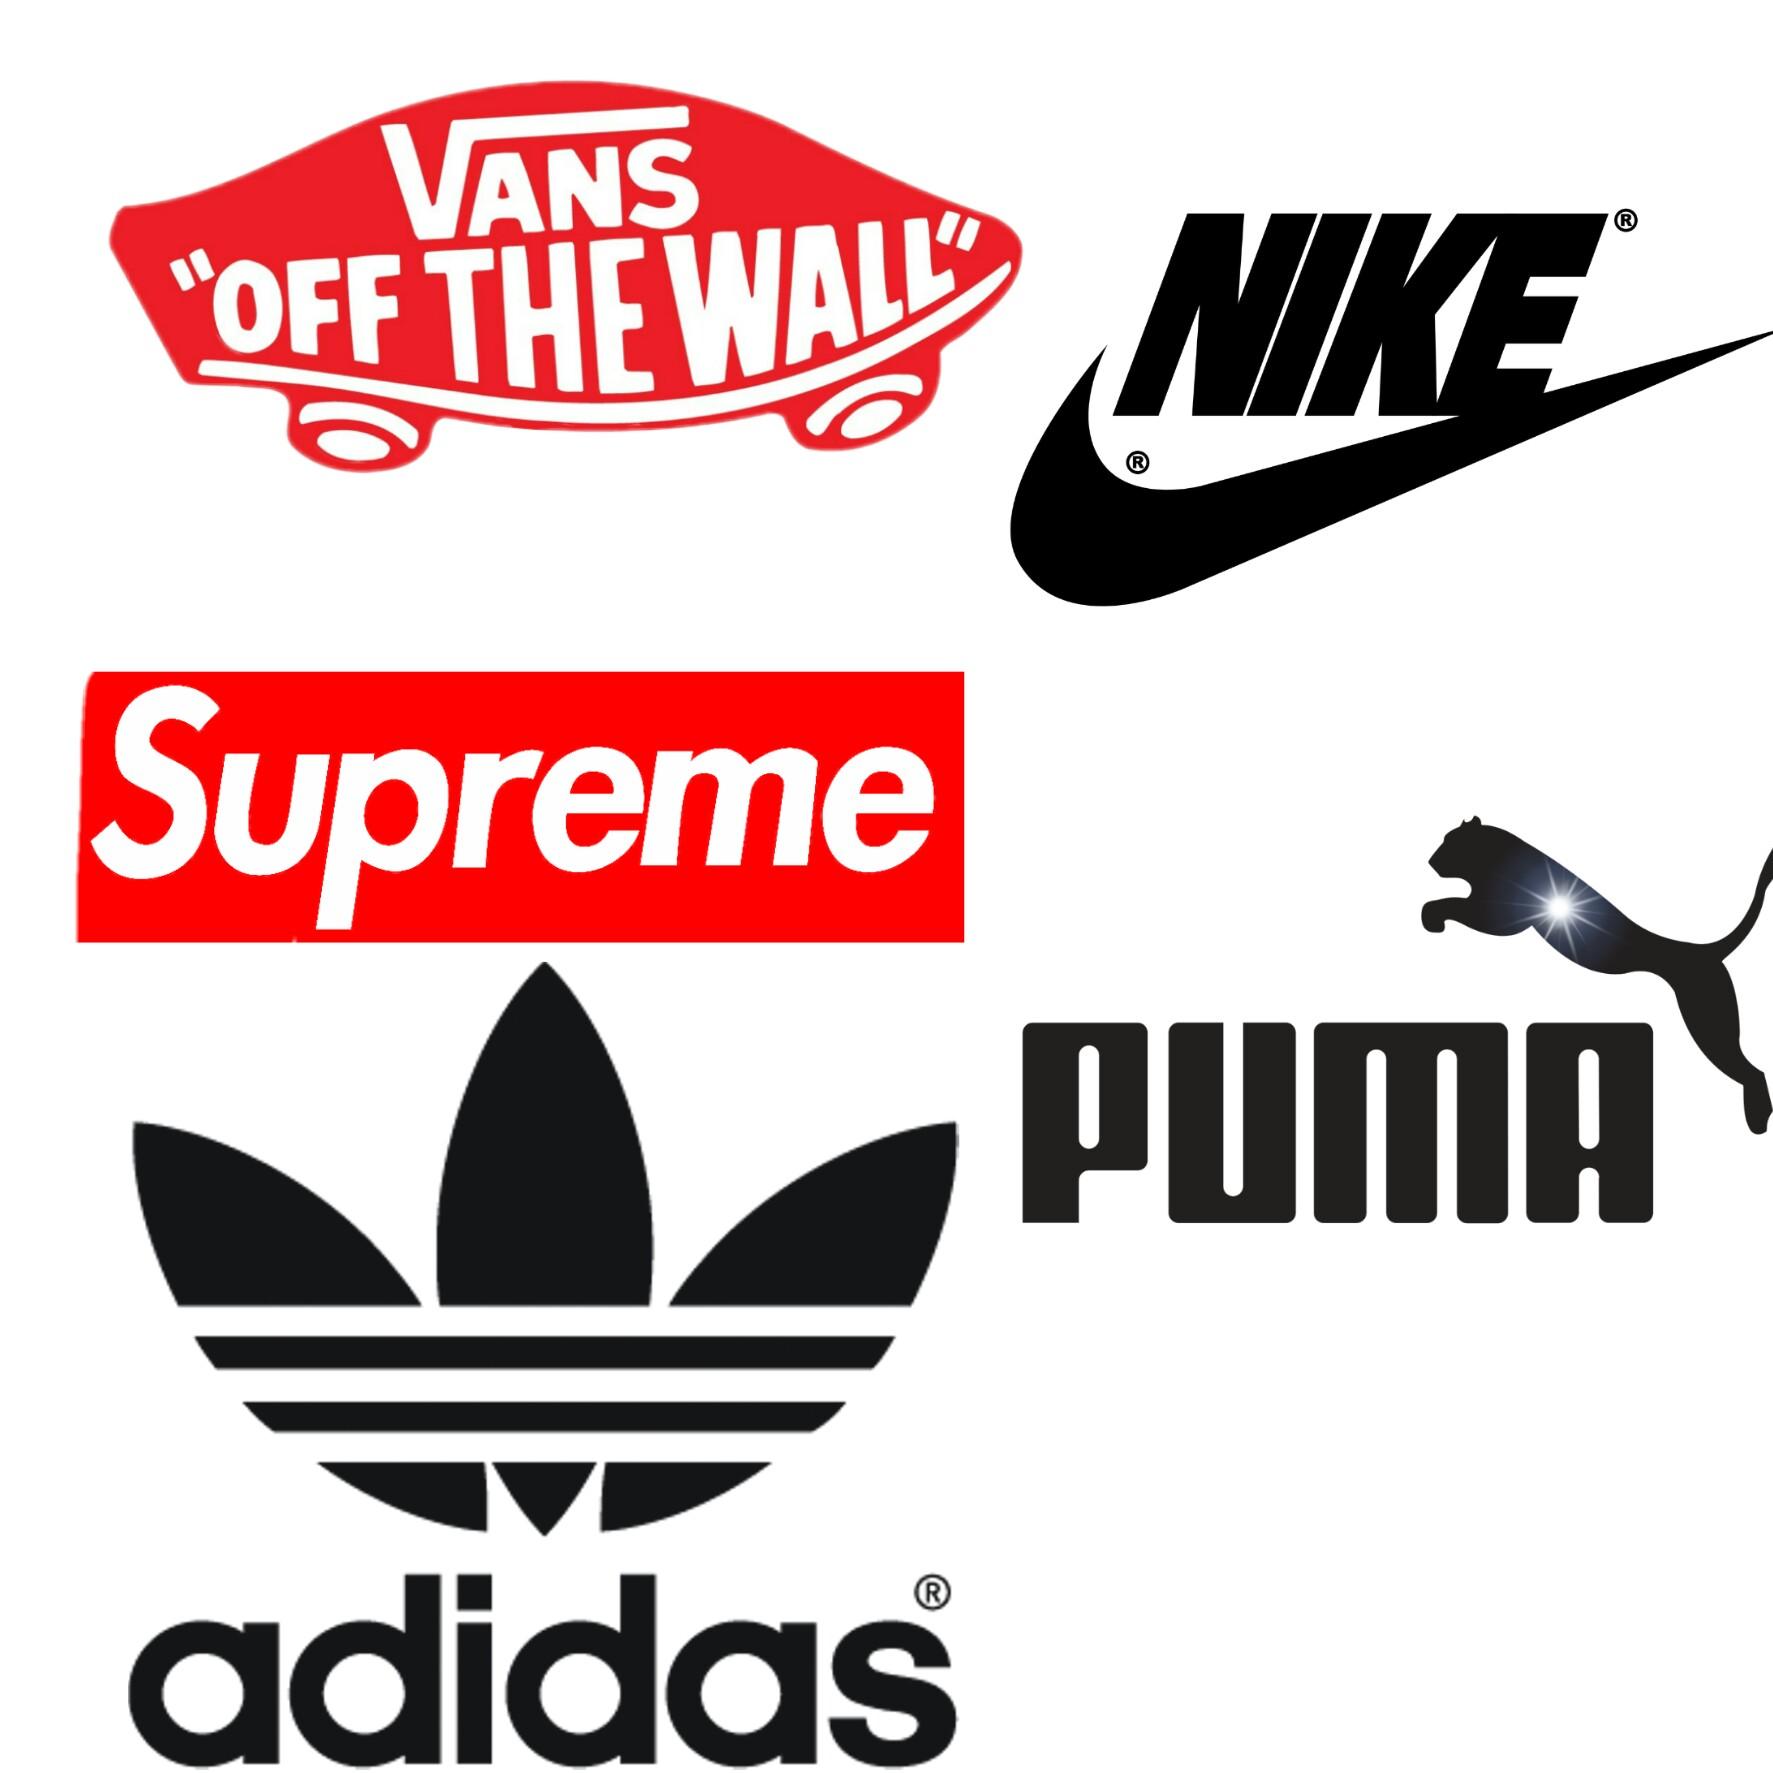 какие-то спортивные бренды логотипы на одной картинке фотосепарации